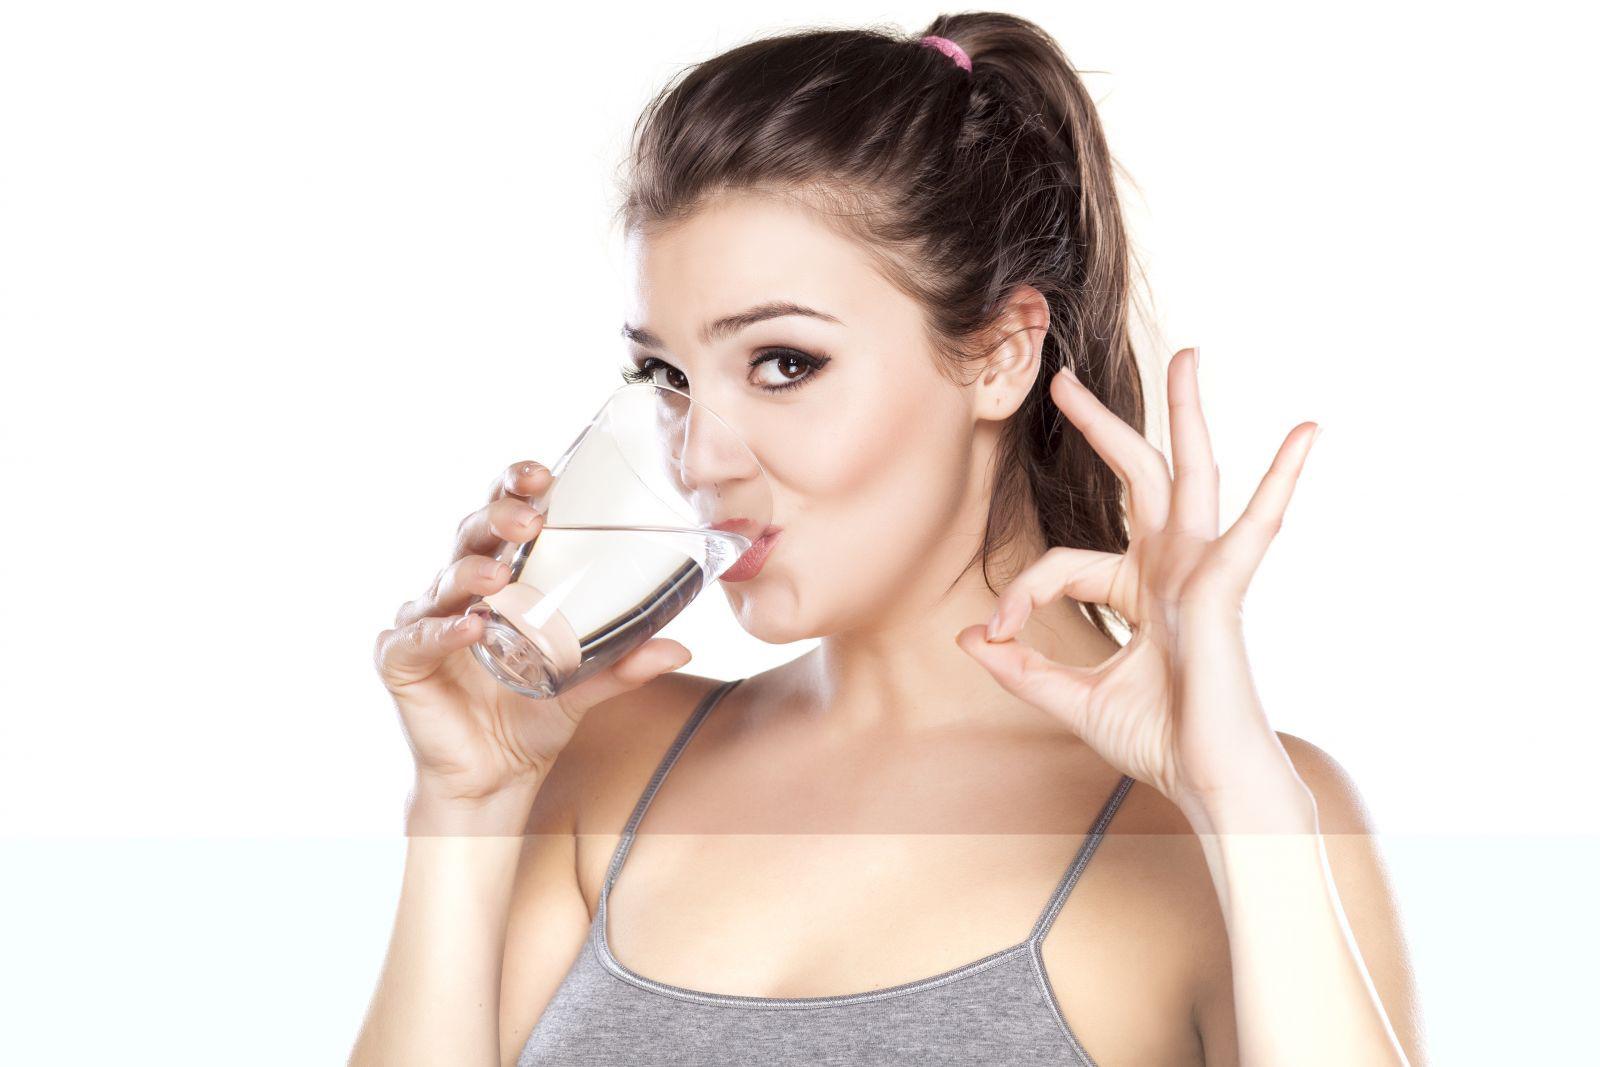 Uống ít nhất 2 lít nước mỗi ngày là cách thay đổi ngoại hình tích cực